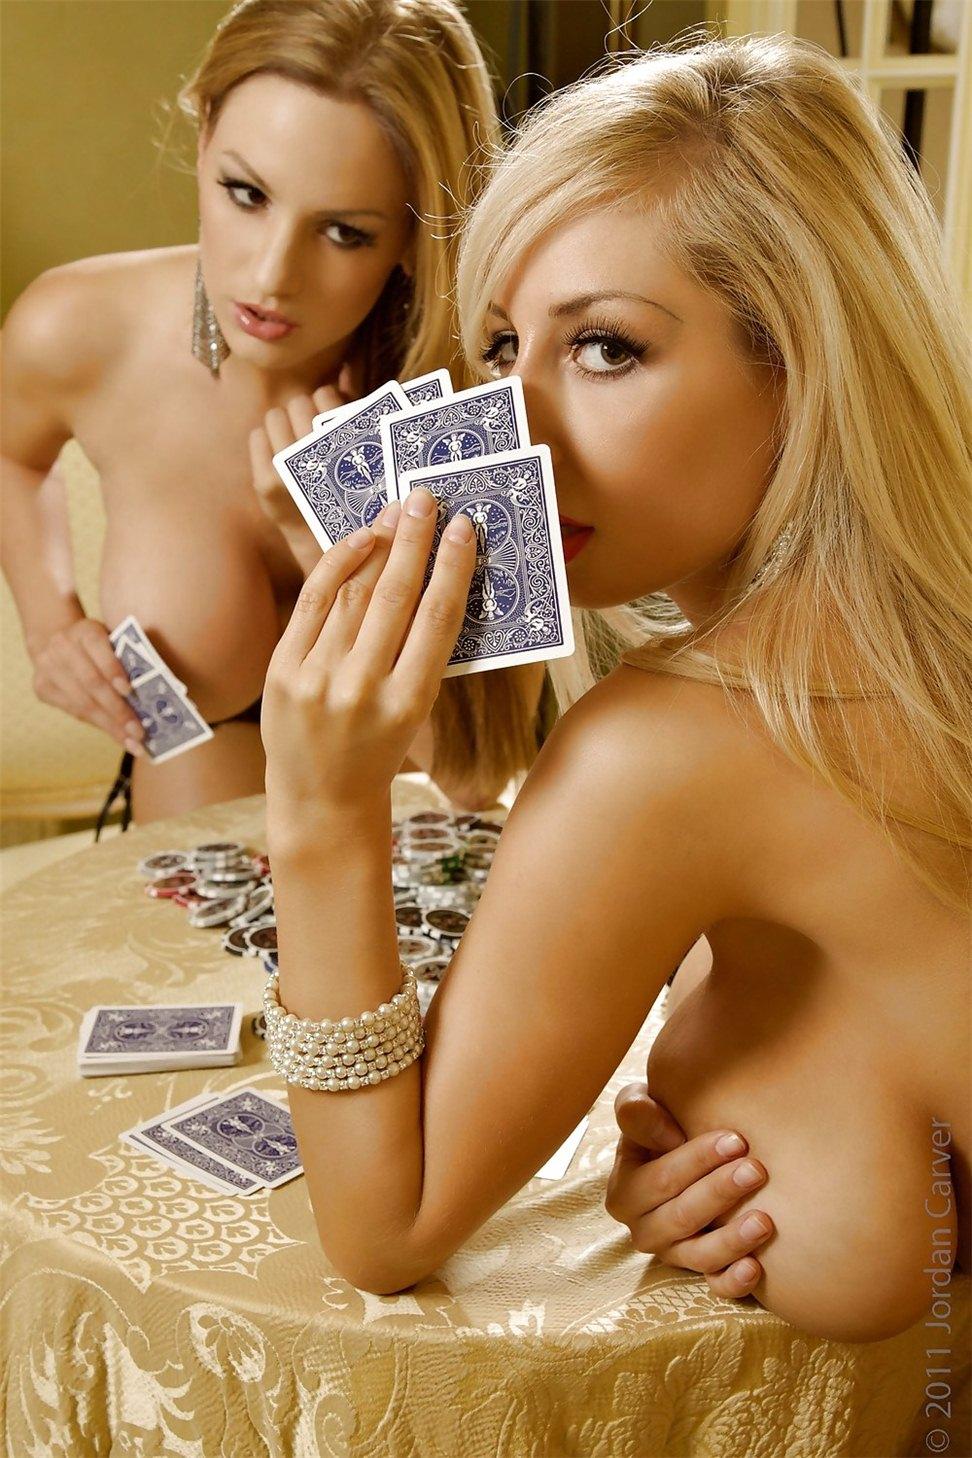 фото парень играет с блондинкой в карты на раздевание сектор, например, мог